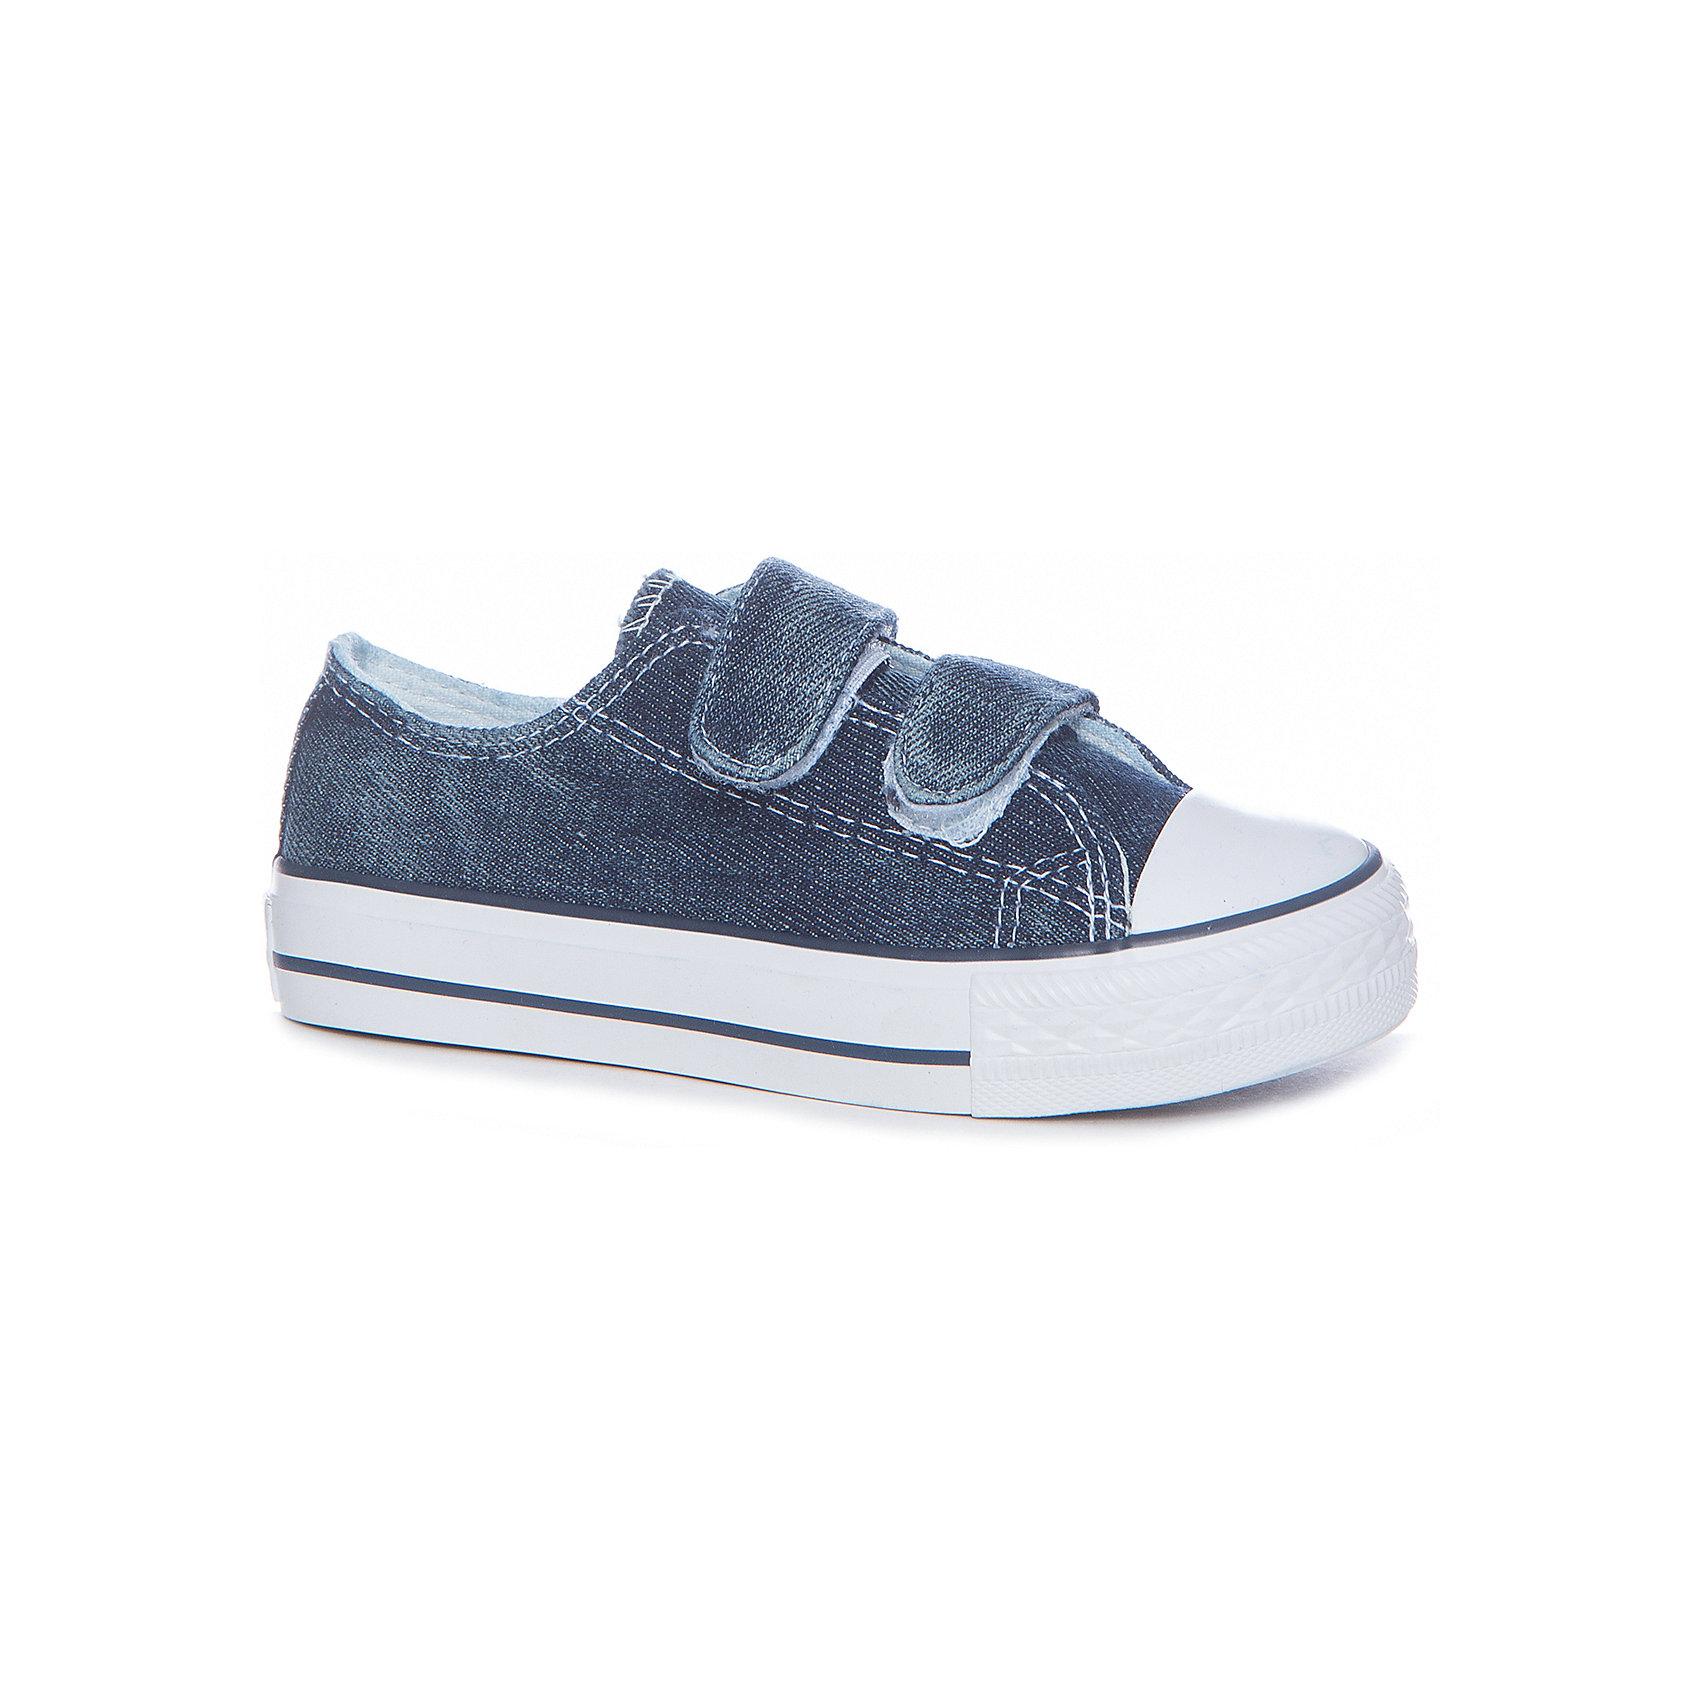 Кеды для мальчика  BUTTON BLUEКеды<br>Кеды для мальчика  BUTTON BLUE<br>Текстильная спортивная обувь - хит весенне-летнего сезона! Кеды, кроссовки, слипоны с легкостью вытеснили из детского гардероба сандалии и мокасины. Синие джинсовые кеды от Button Blue - прекрасный летний вариант. Если вы хотите приобрести качественные и очень стильные кеды для мальчика, вам стоит купить детские кеды на липучке. Практичный и очень удобный вариант, наверняка, понравится ребенку.<br>Состав:<br>верх: джинса подклад: хлопок стелька: хлопок подошва: резина<br><br>Ширина мм: 250<br>Глубина мм: 150<br>Высота мм: 150<br>Вес г: 250<br>Цвет: синий<br>Возраст от месяцев: 24<br>Возраст до месяцев: 36<br>Пол: Мужской<br>Возраст: Детский<br>Размер: 26,38,27,28,29,30,31,32,33,34,35,36,37<br>SKU: 5524722